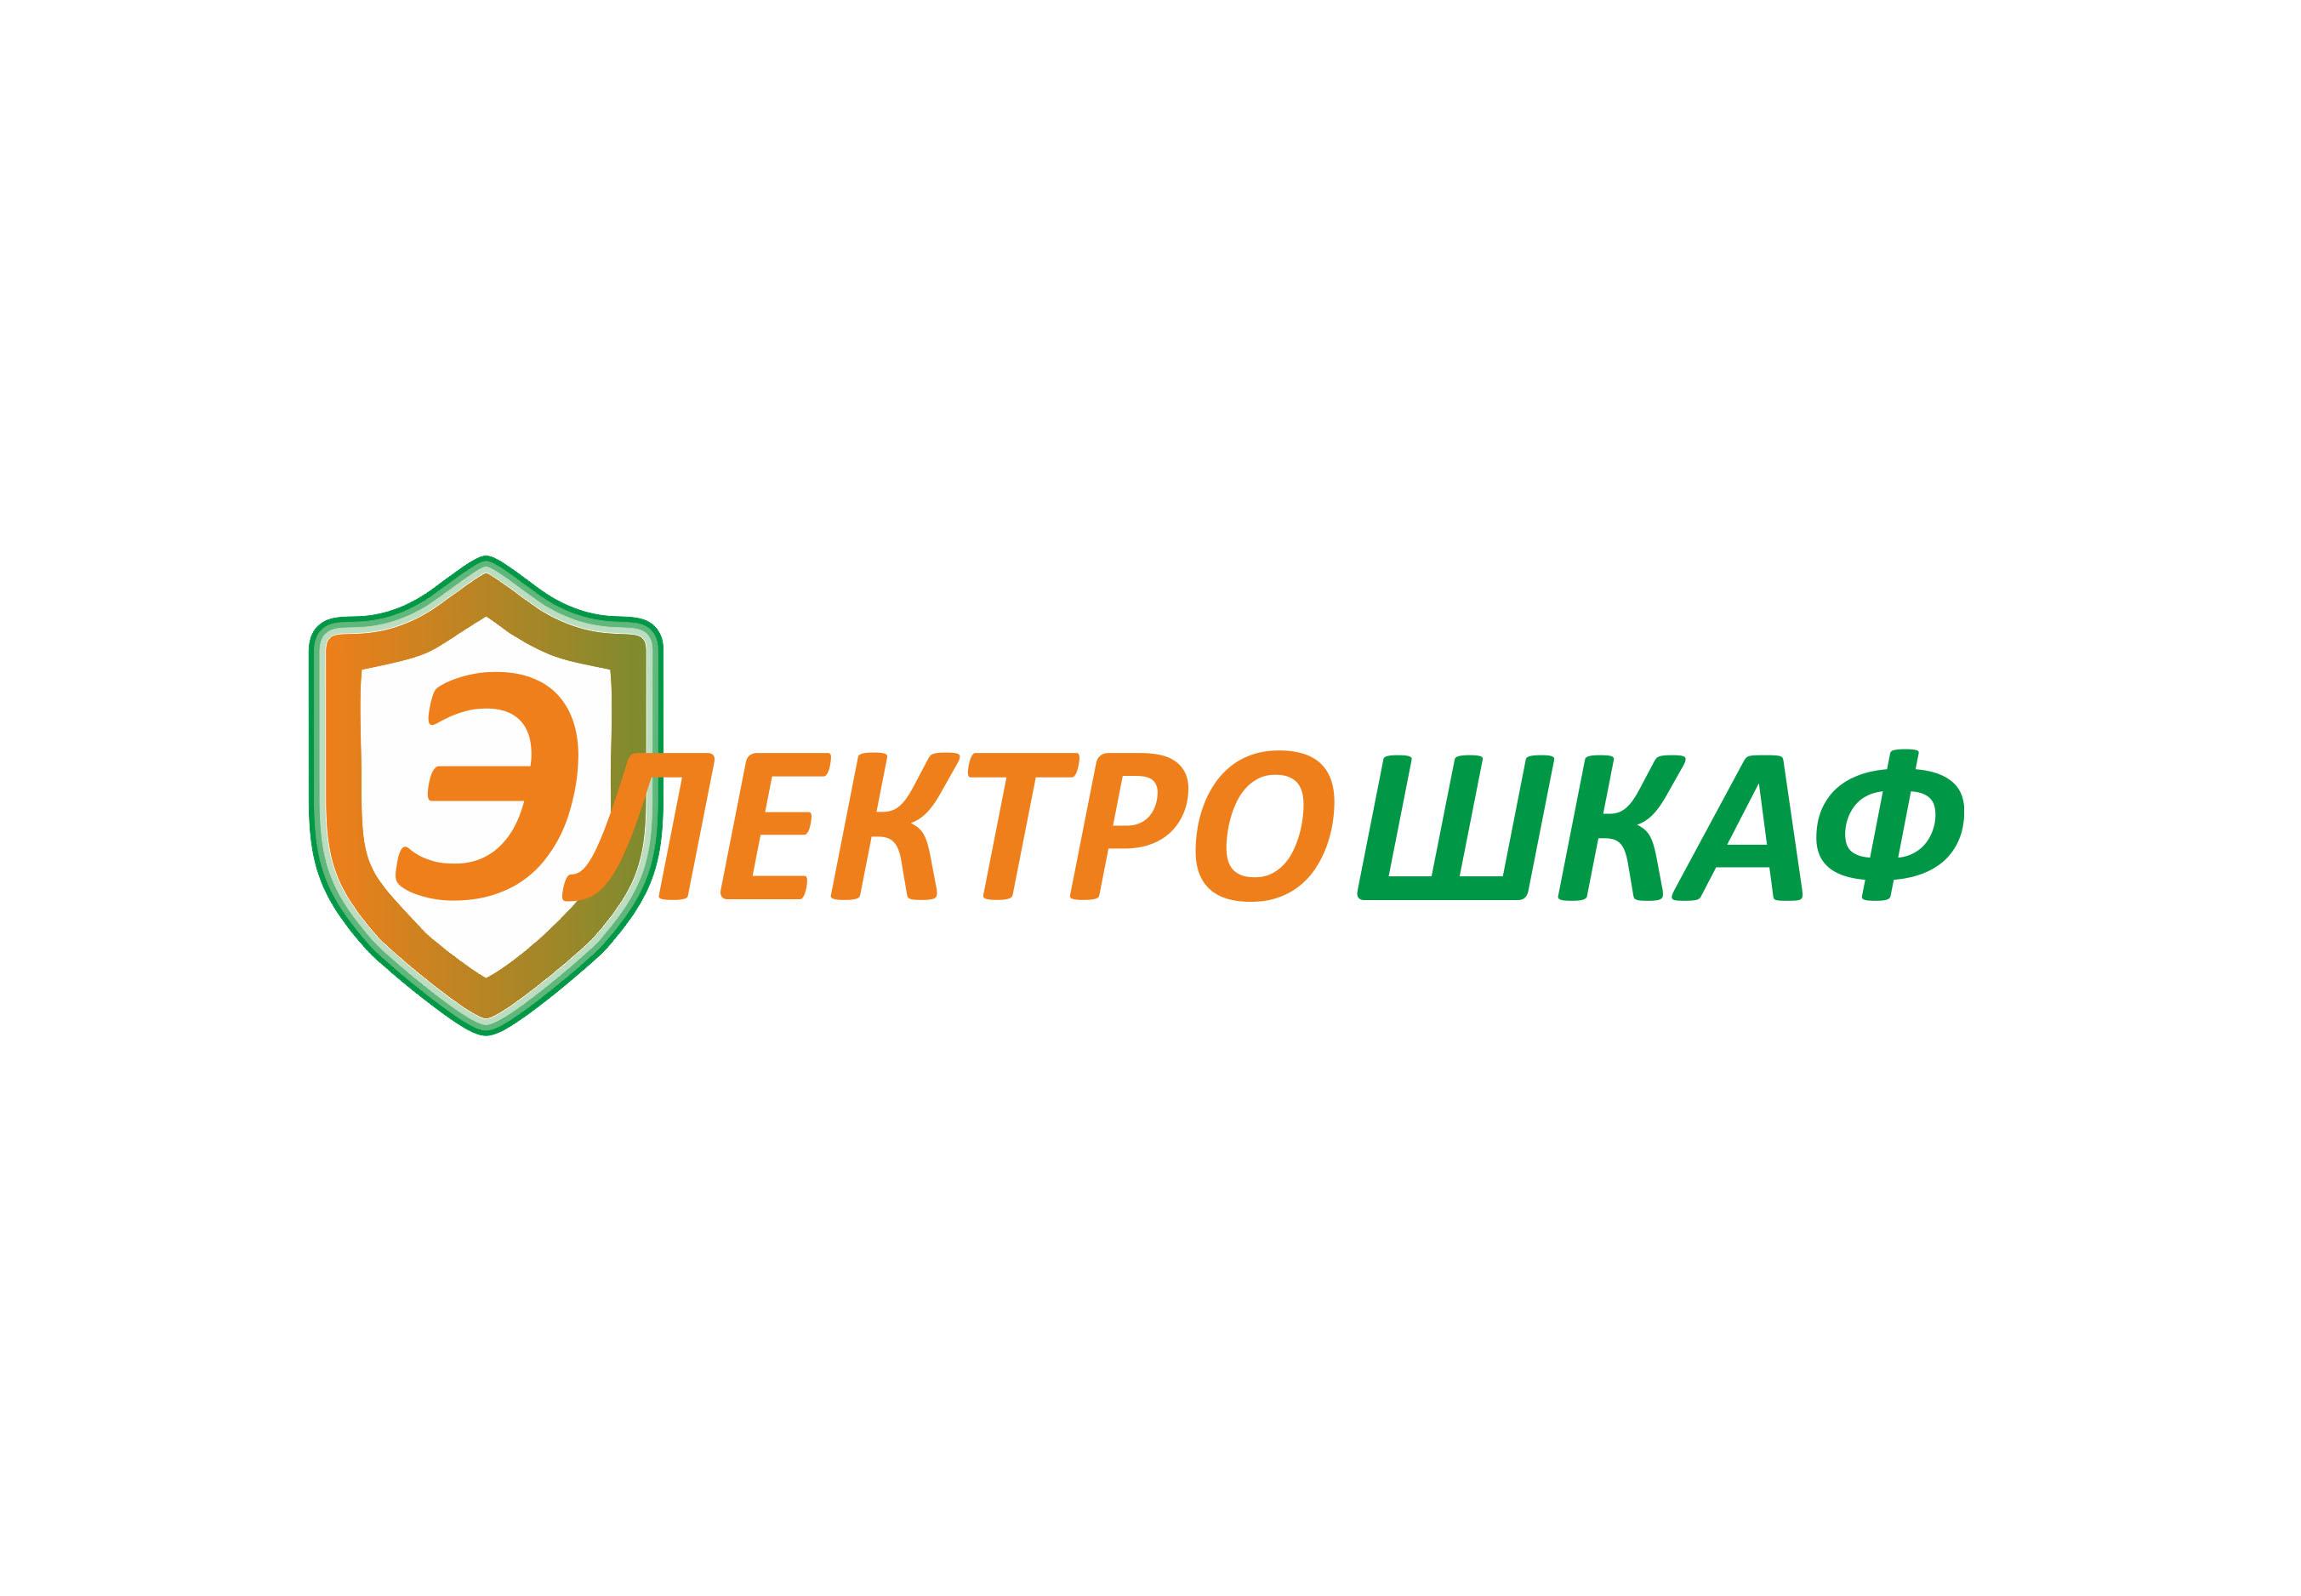 Разработать логотип для завода по производству электрощитов фото f_8655b6df4f075f44.jpg